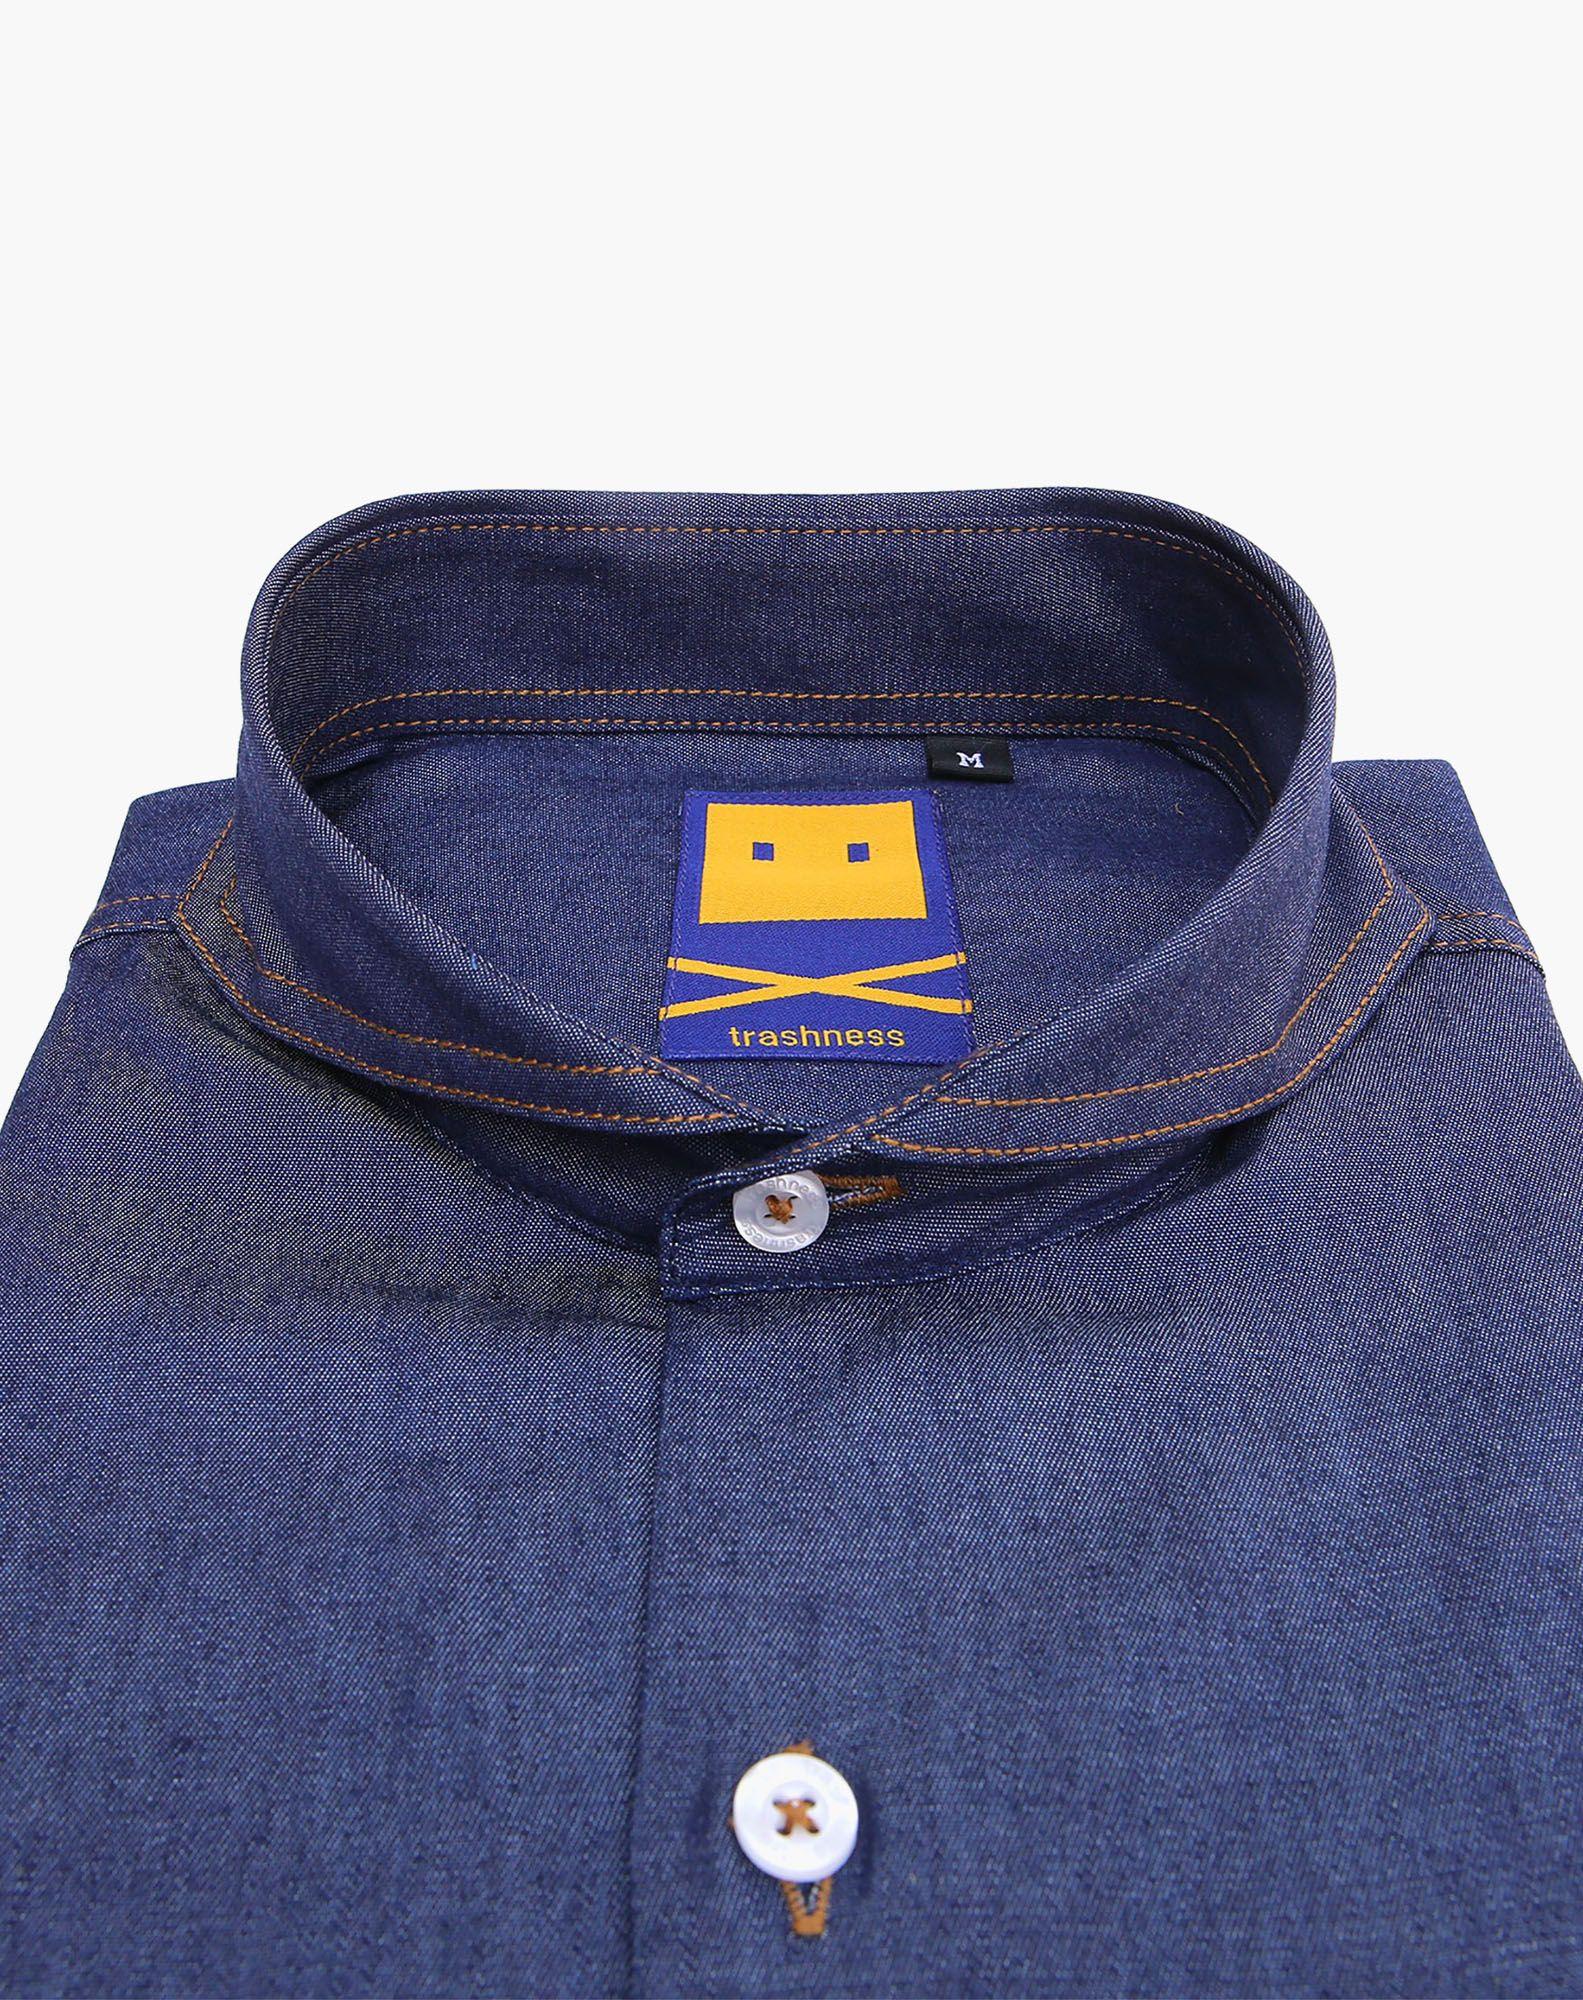 0cbbe05861 Extreme cutaway™ denim shirt | Men shirts | Denim shirt, Denim ...